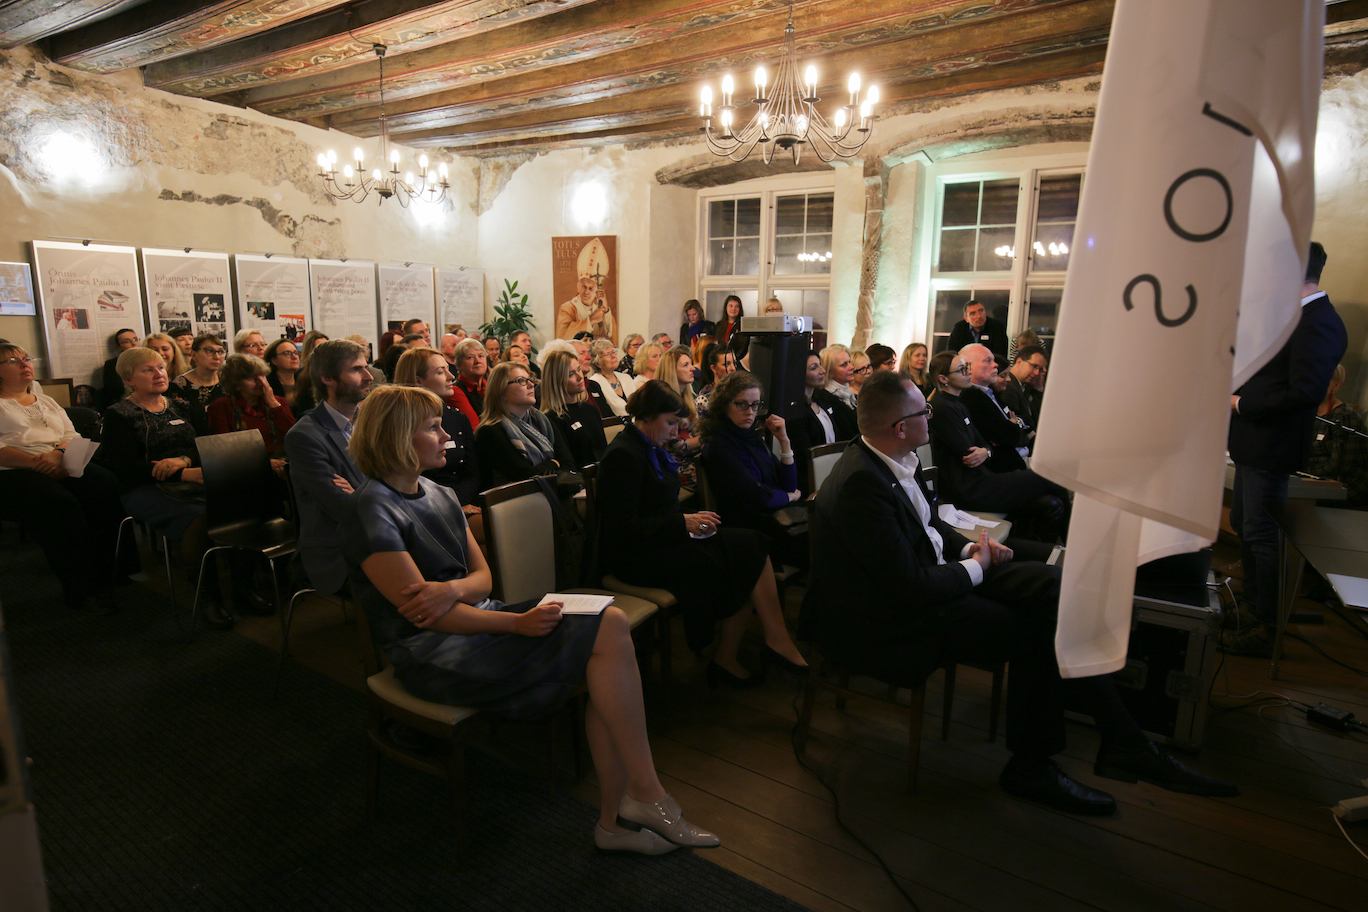 Lietuvos Atkūrimo 100-mečio minėjimas Taline | ELB nuotr.